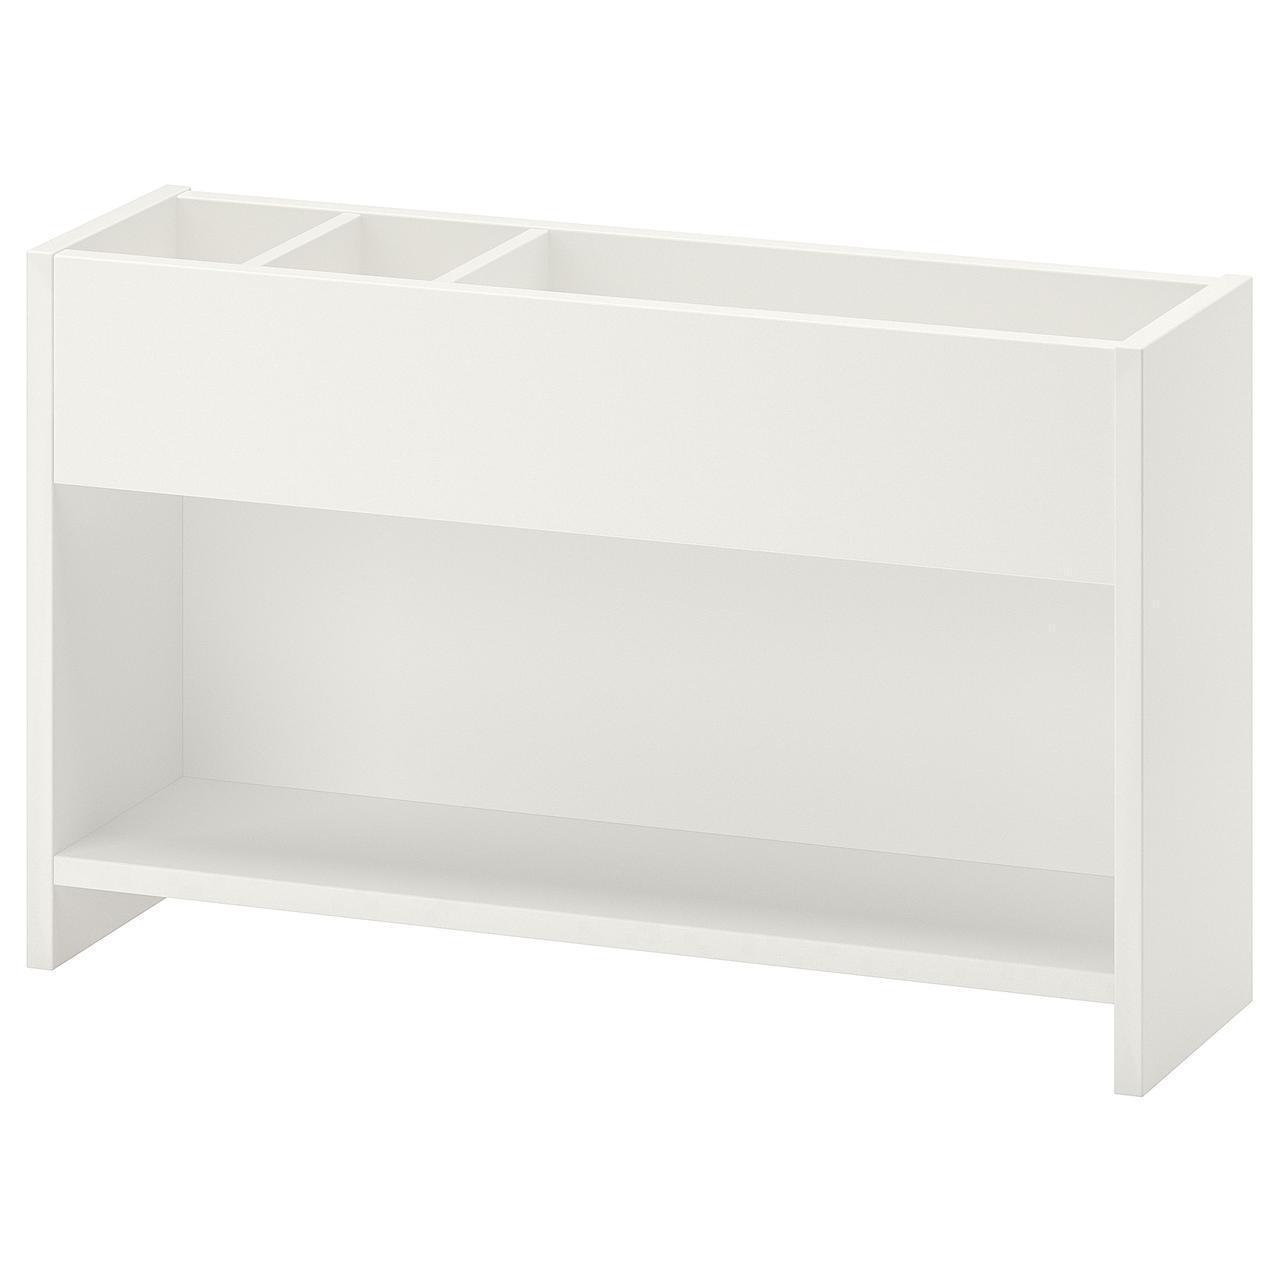 IKEA PAHL Додаткова надставка для столу, білий, зелений (303.064.95)